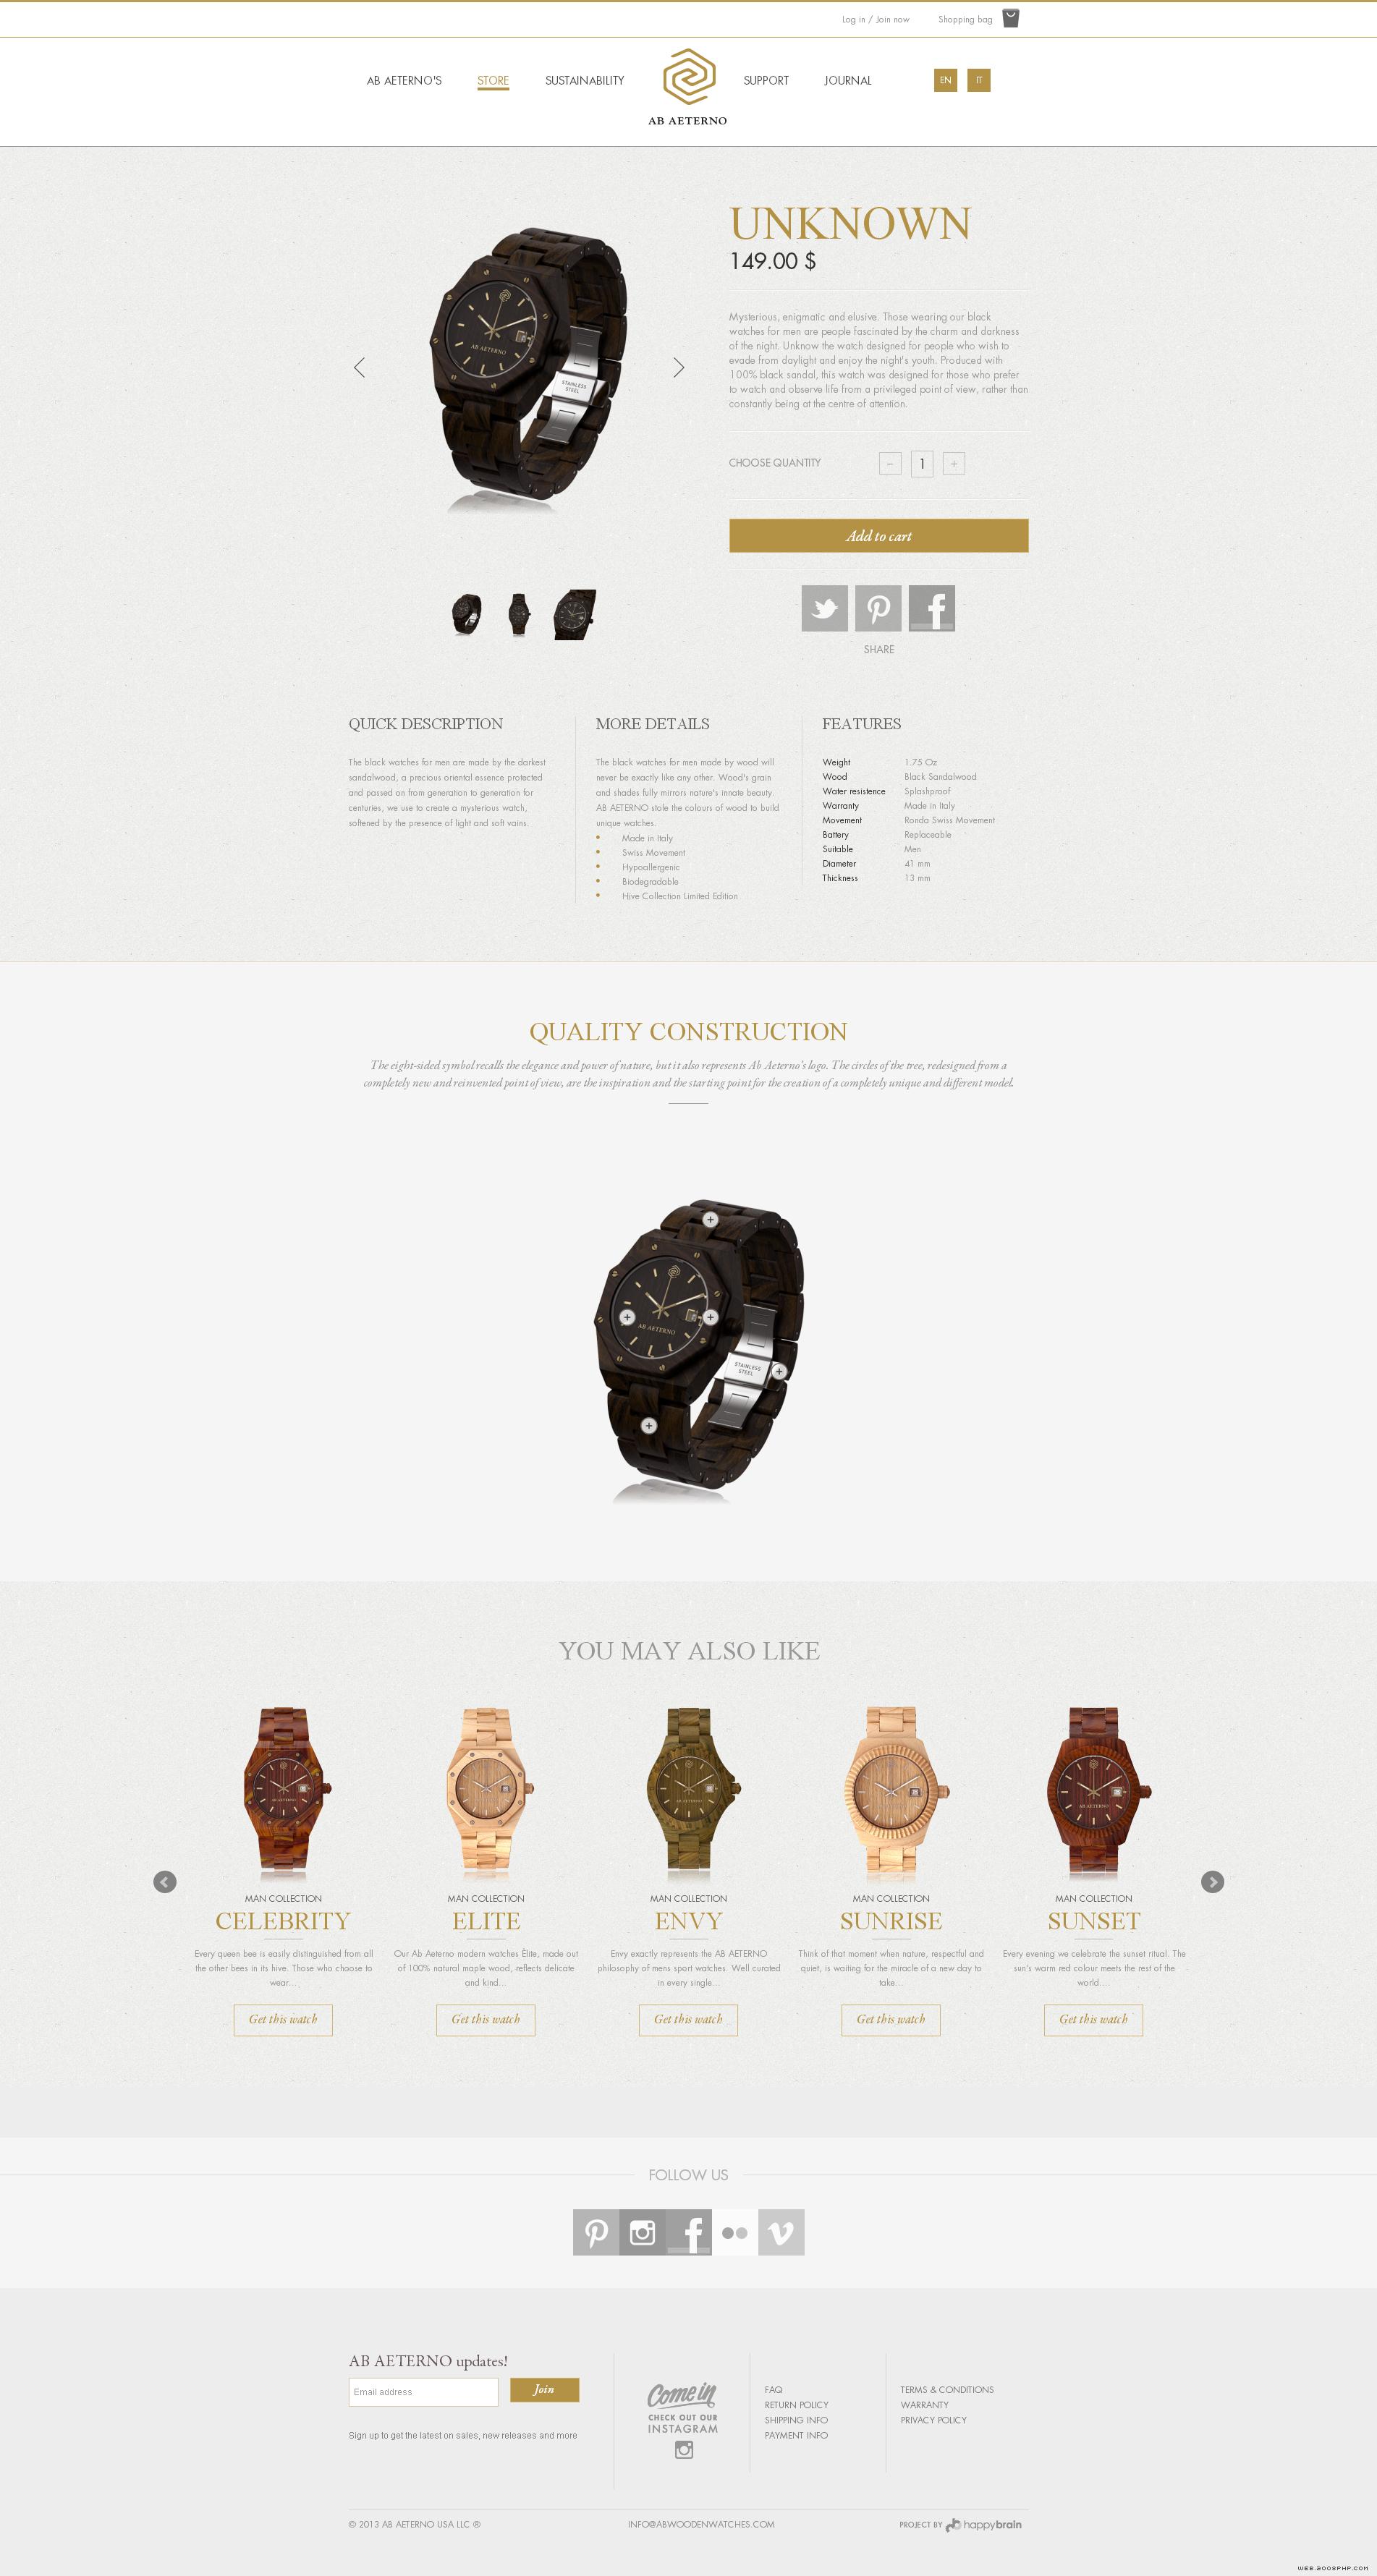 意大利木制手表 整机采用瑞士机芯 42684 高清图片